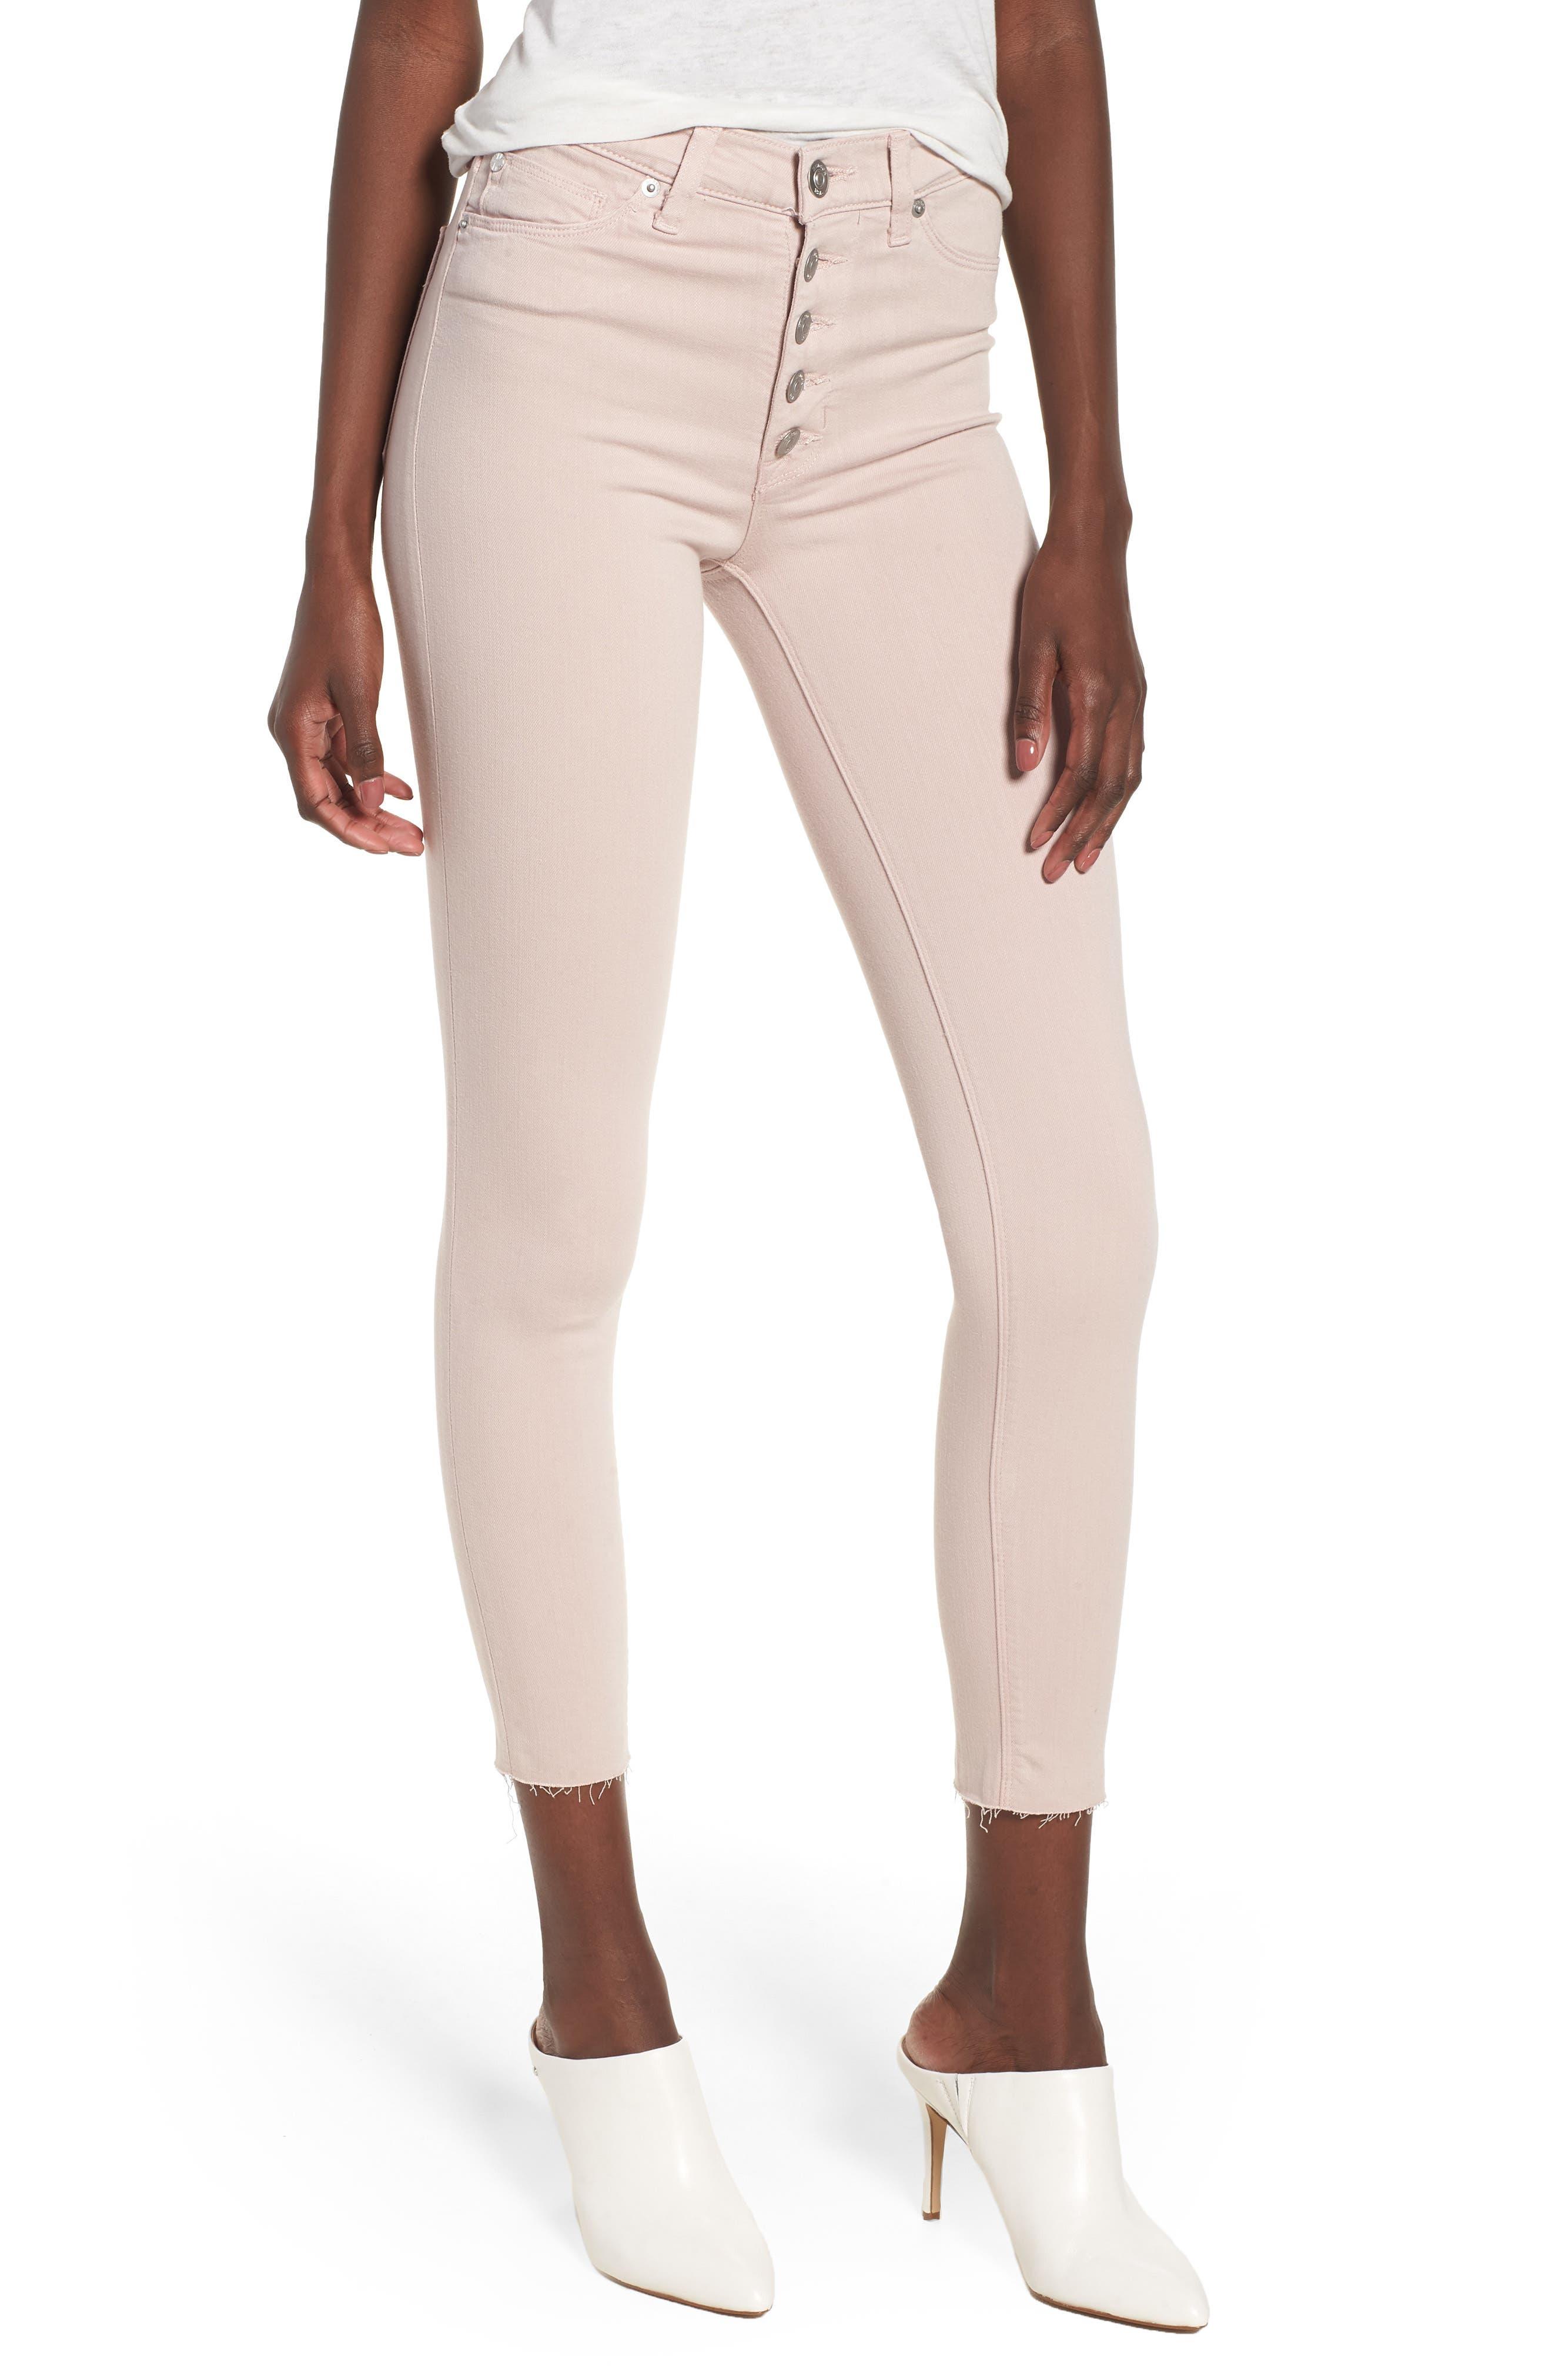 Barbara High Waist Raw Hem Ankle Skinny Jeans,                         Main,                         color, Blushing